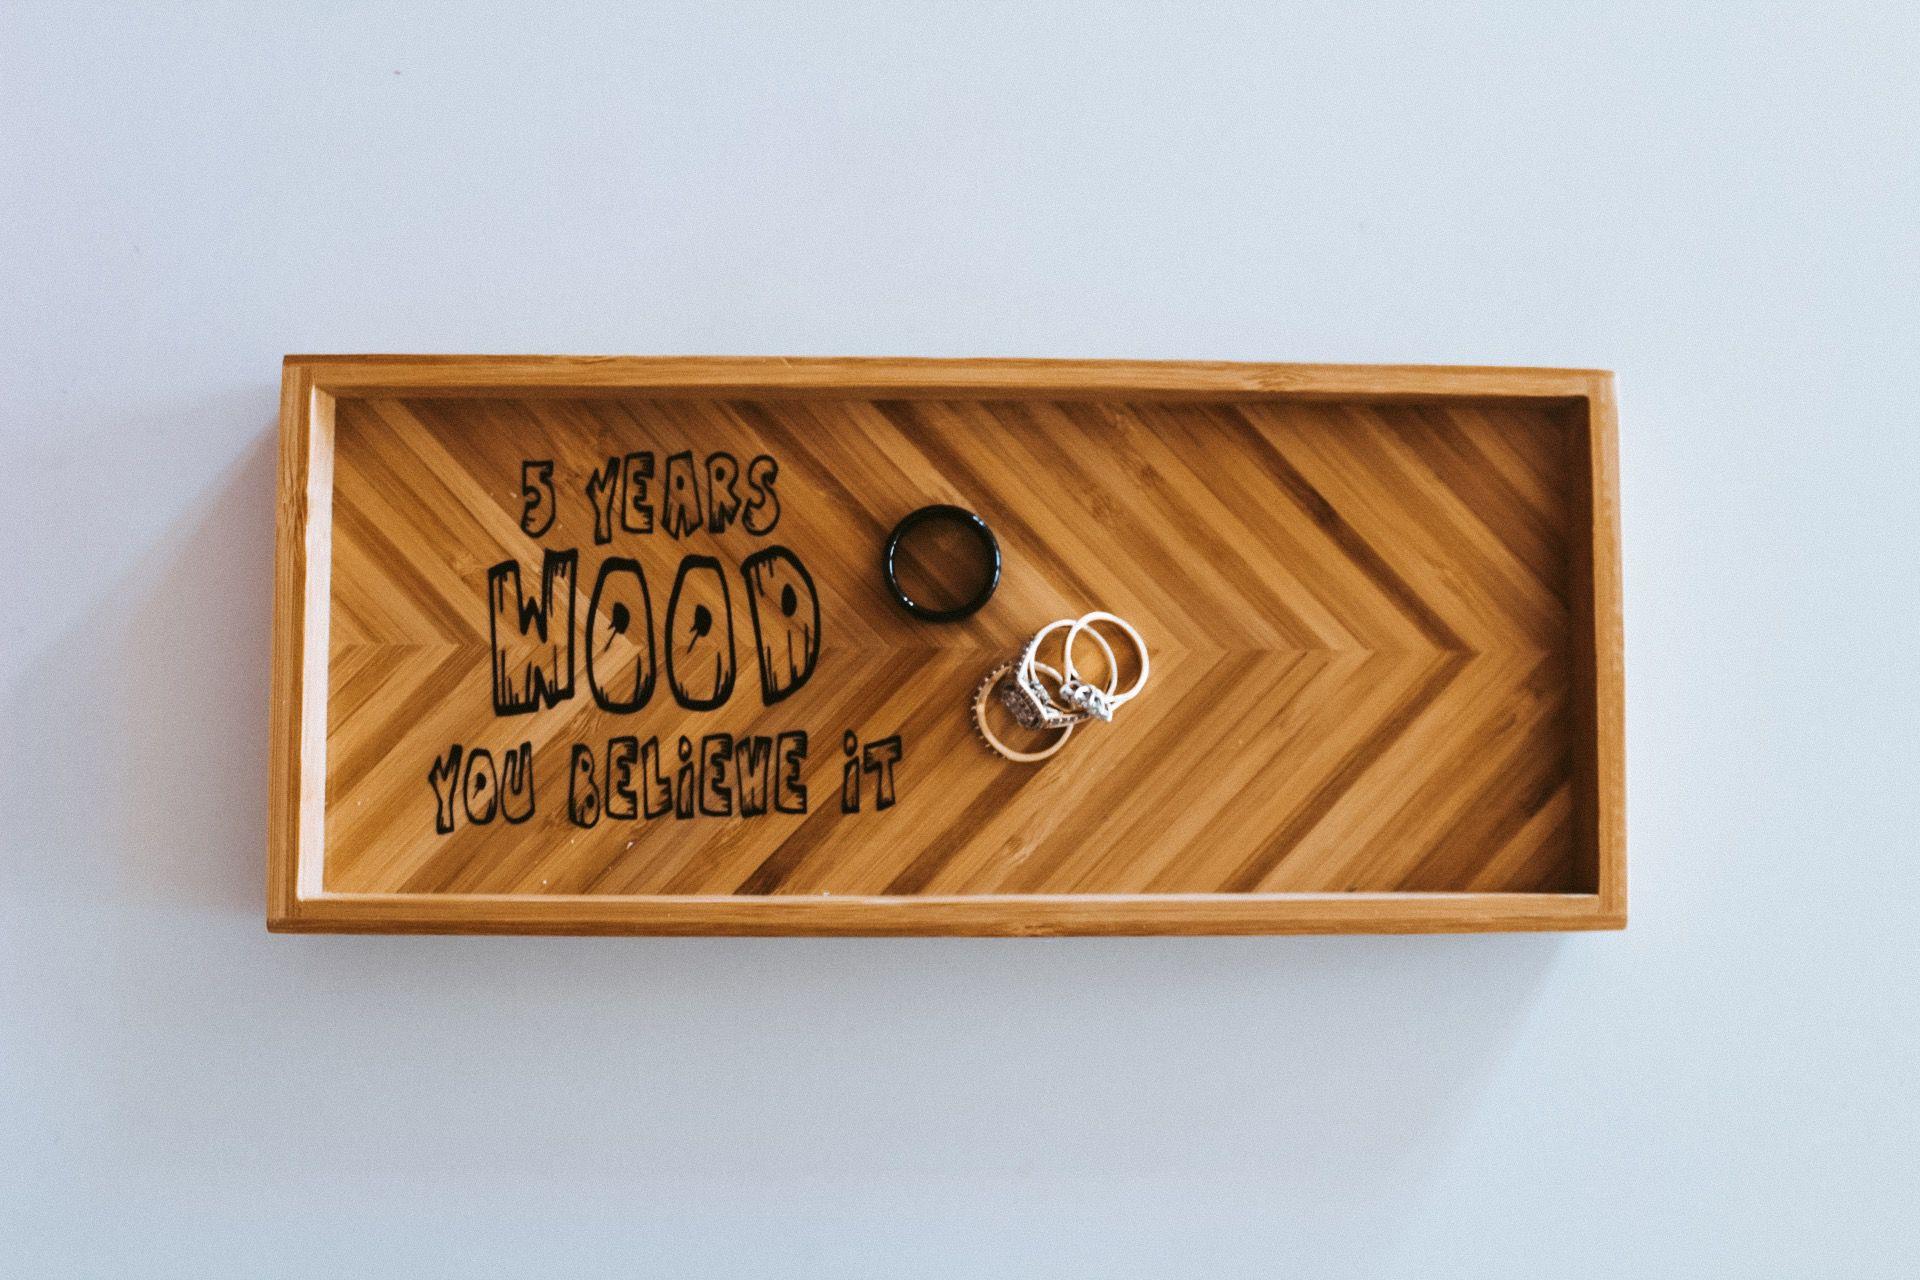 Diy Wood Anniversary Card 5th Wedding Anniversary Card Wood Stick Figure Puns D Anniversary Cards For Husband Wood Anniversary Wedding Anniversary Cards